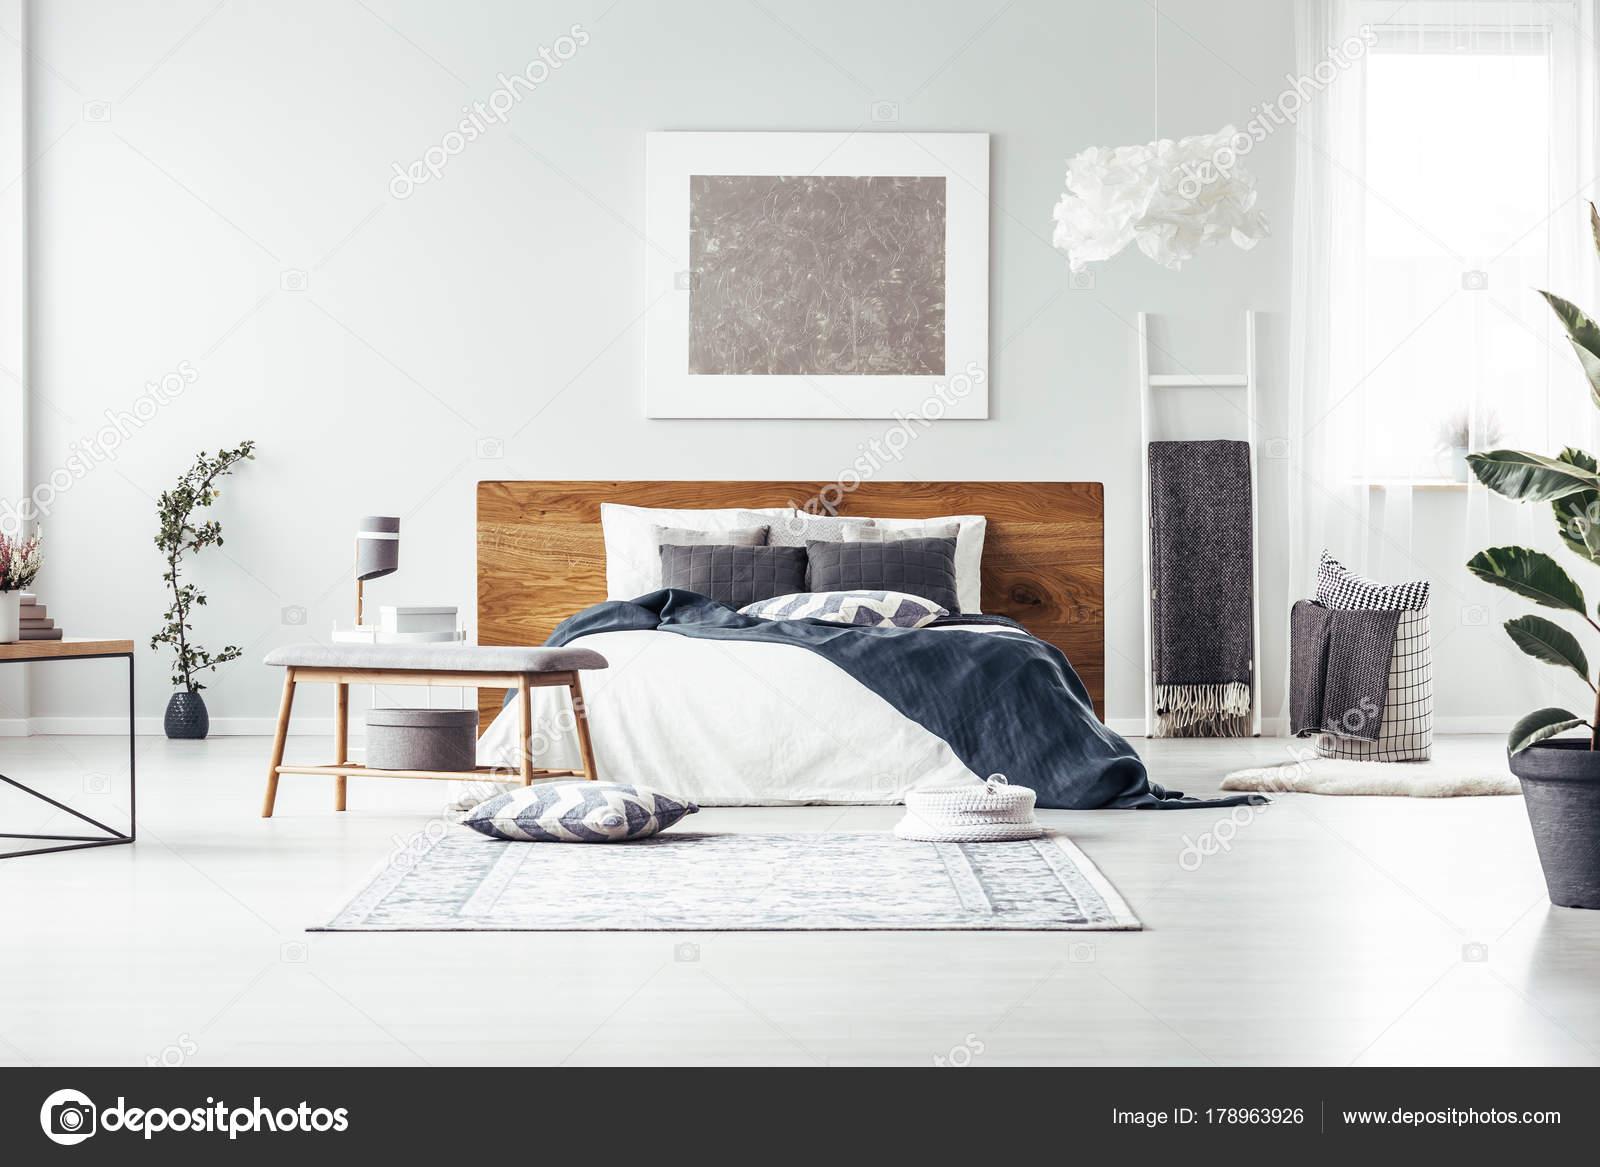 Fantastisch Graue Malerei Im Geräumigen Schlafzimmer U2014 Stockfoto